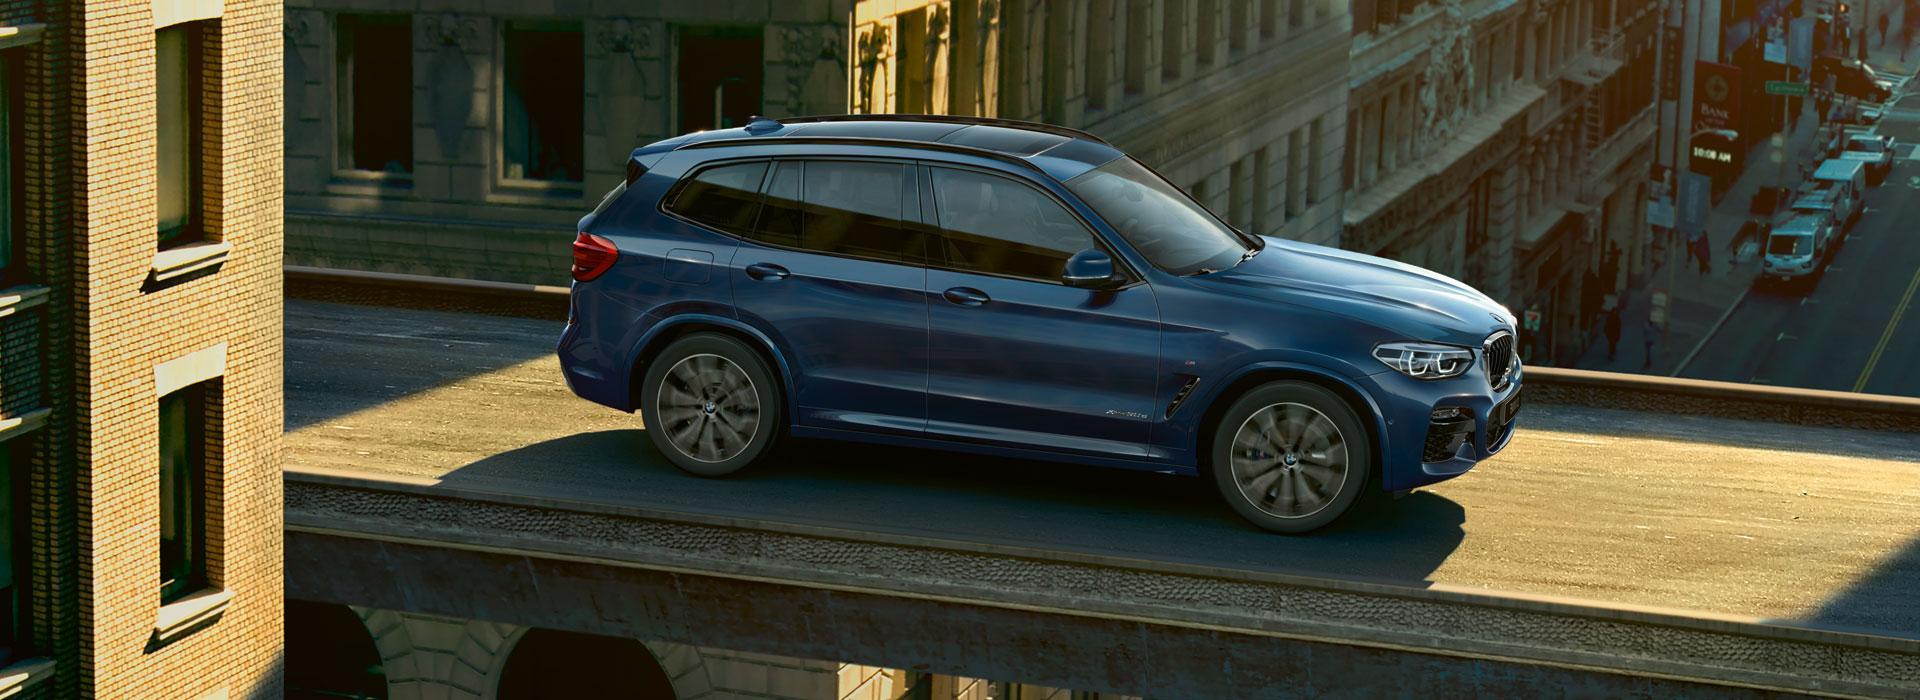 Авилон умножает Ваши преимущества при покупке BMW X3